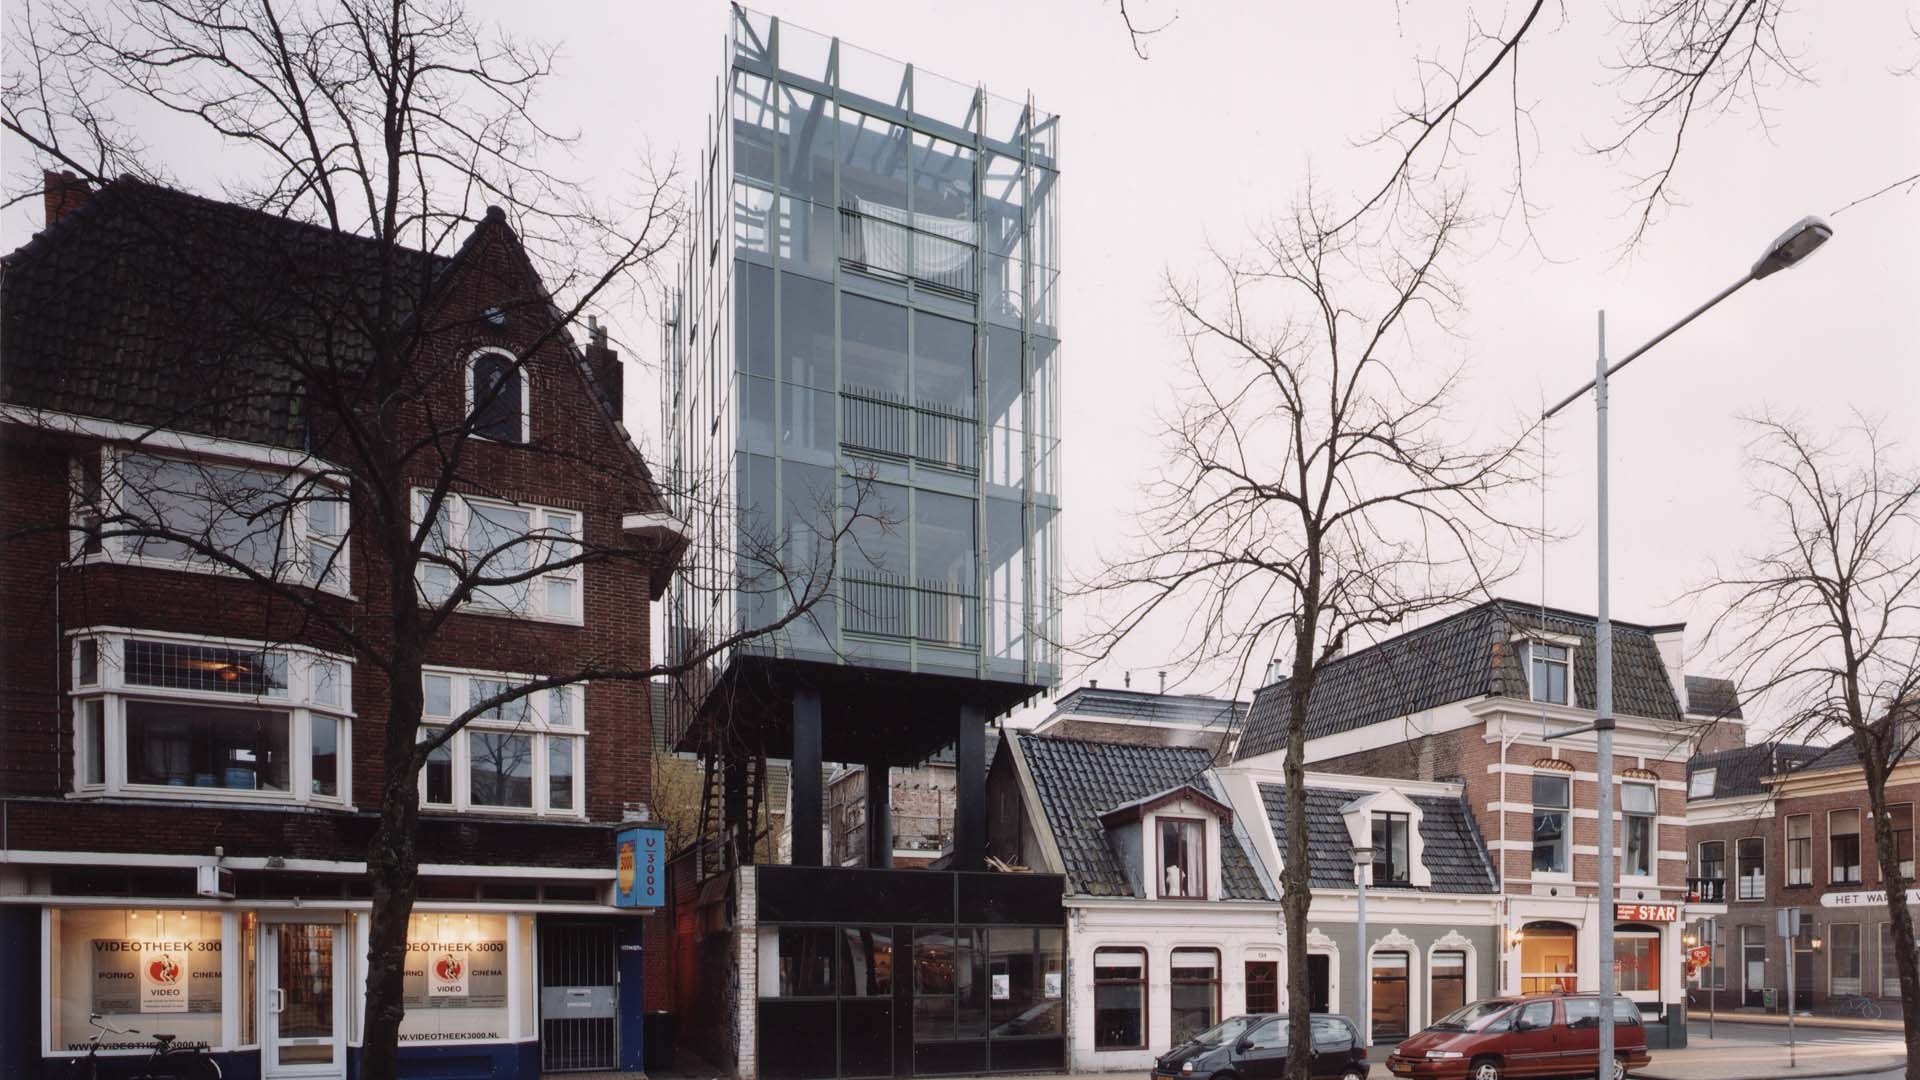 9716_Woonhuis Groningen_01